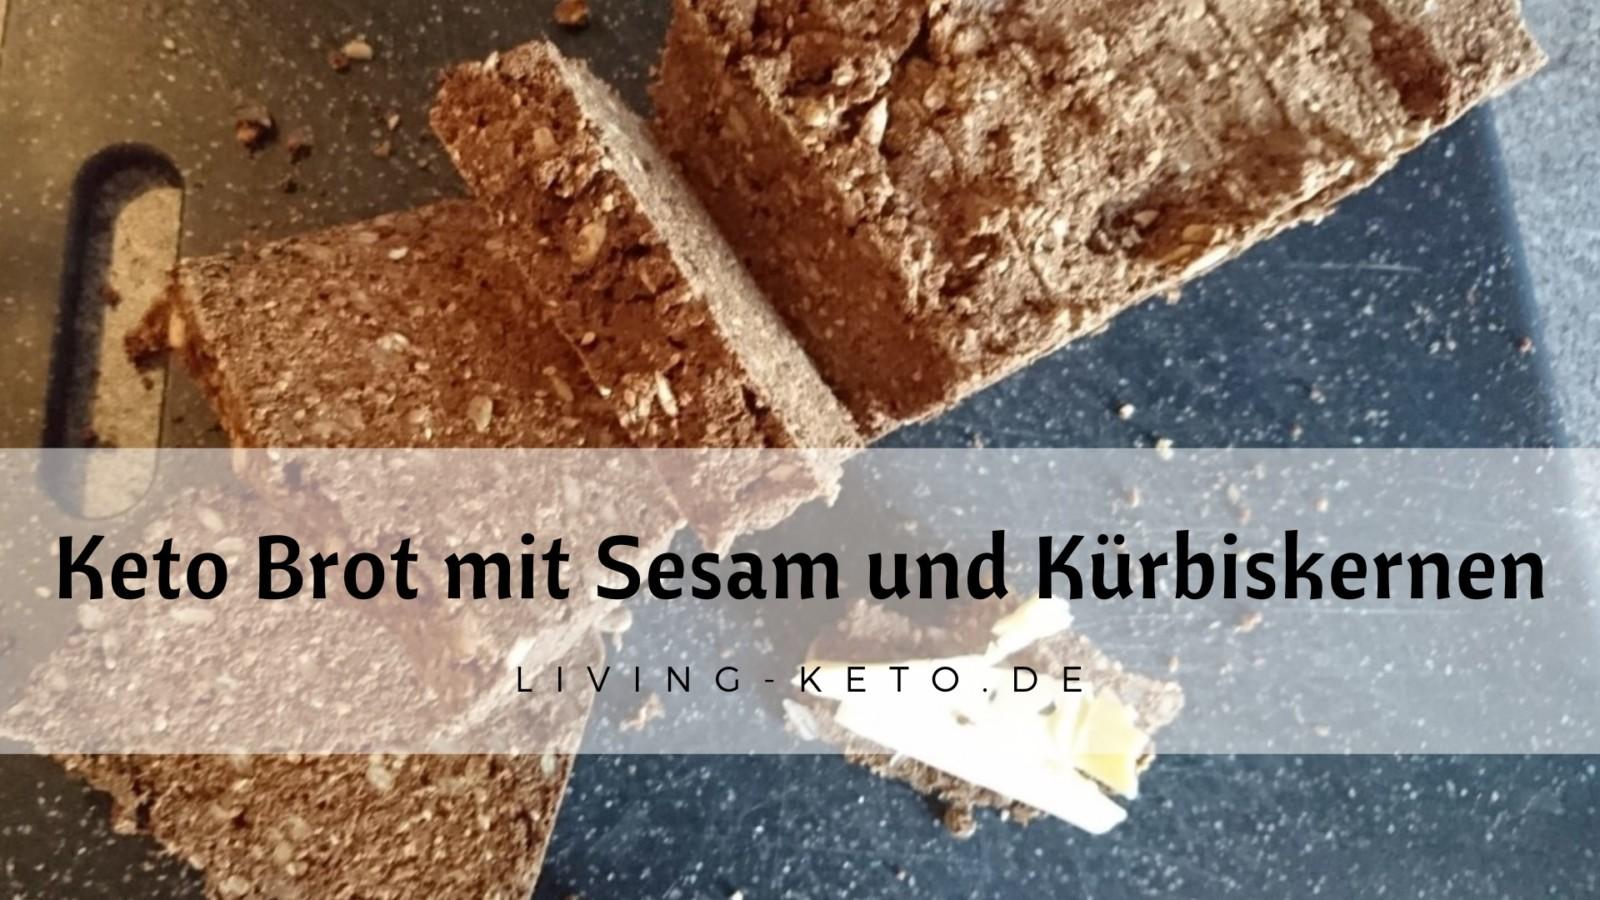 Brot mit Sesam und Kürbiskernen